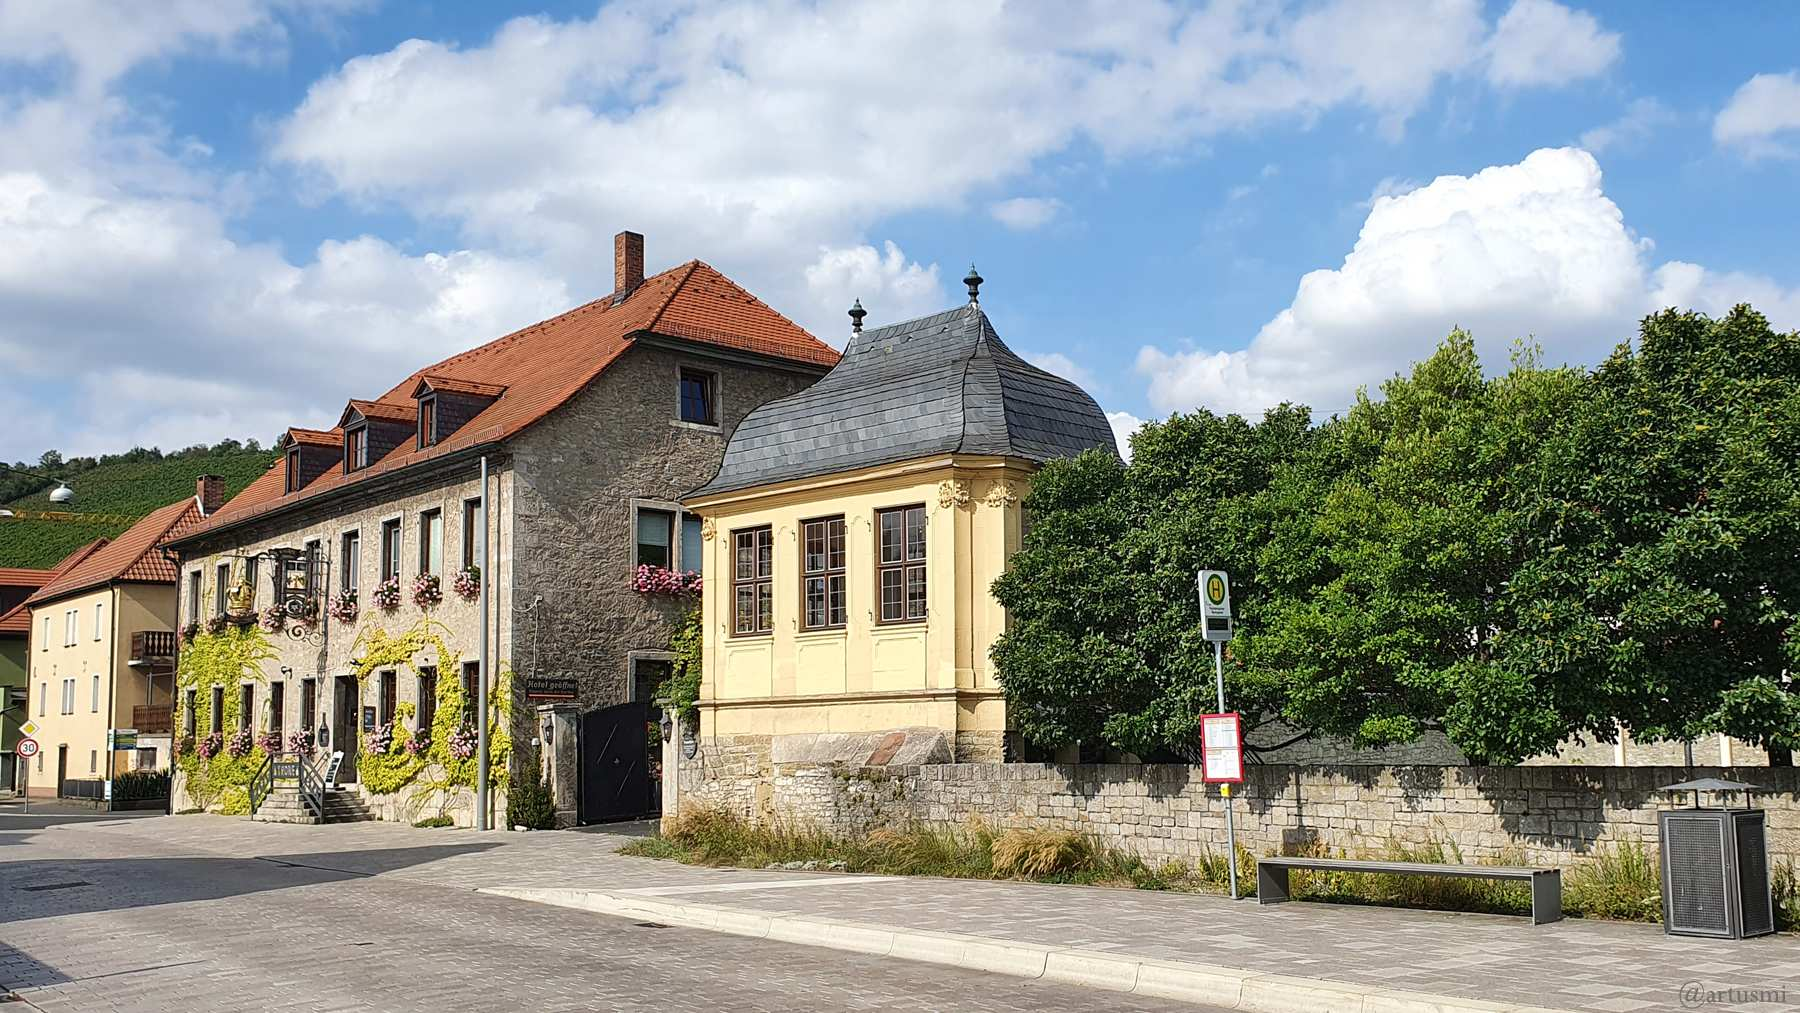 Gasthaus Krone und Balthasar Neumann Pavillon in der Würzburger Straße in Randersacker